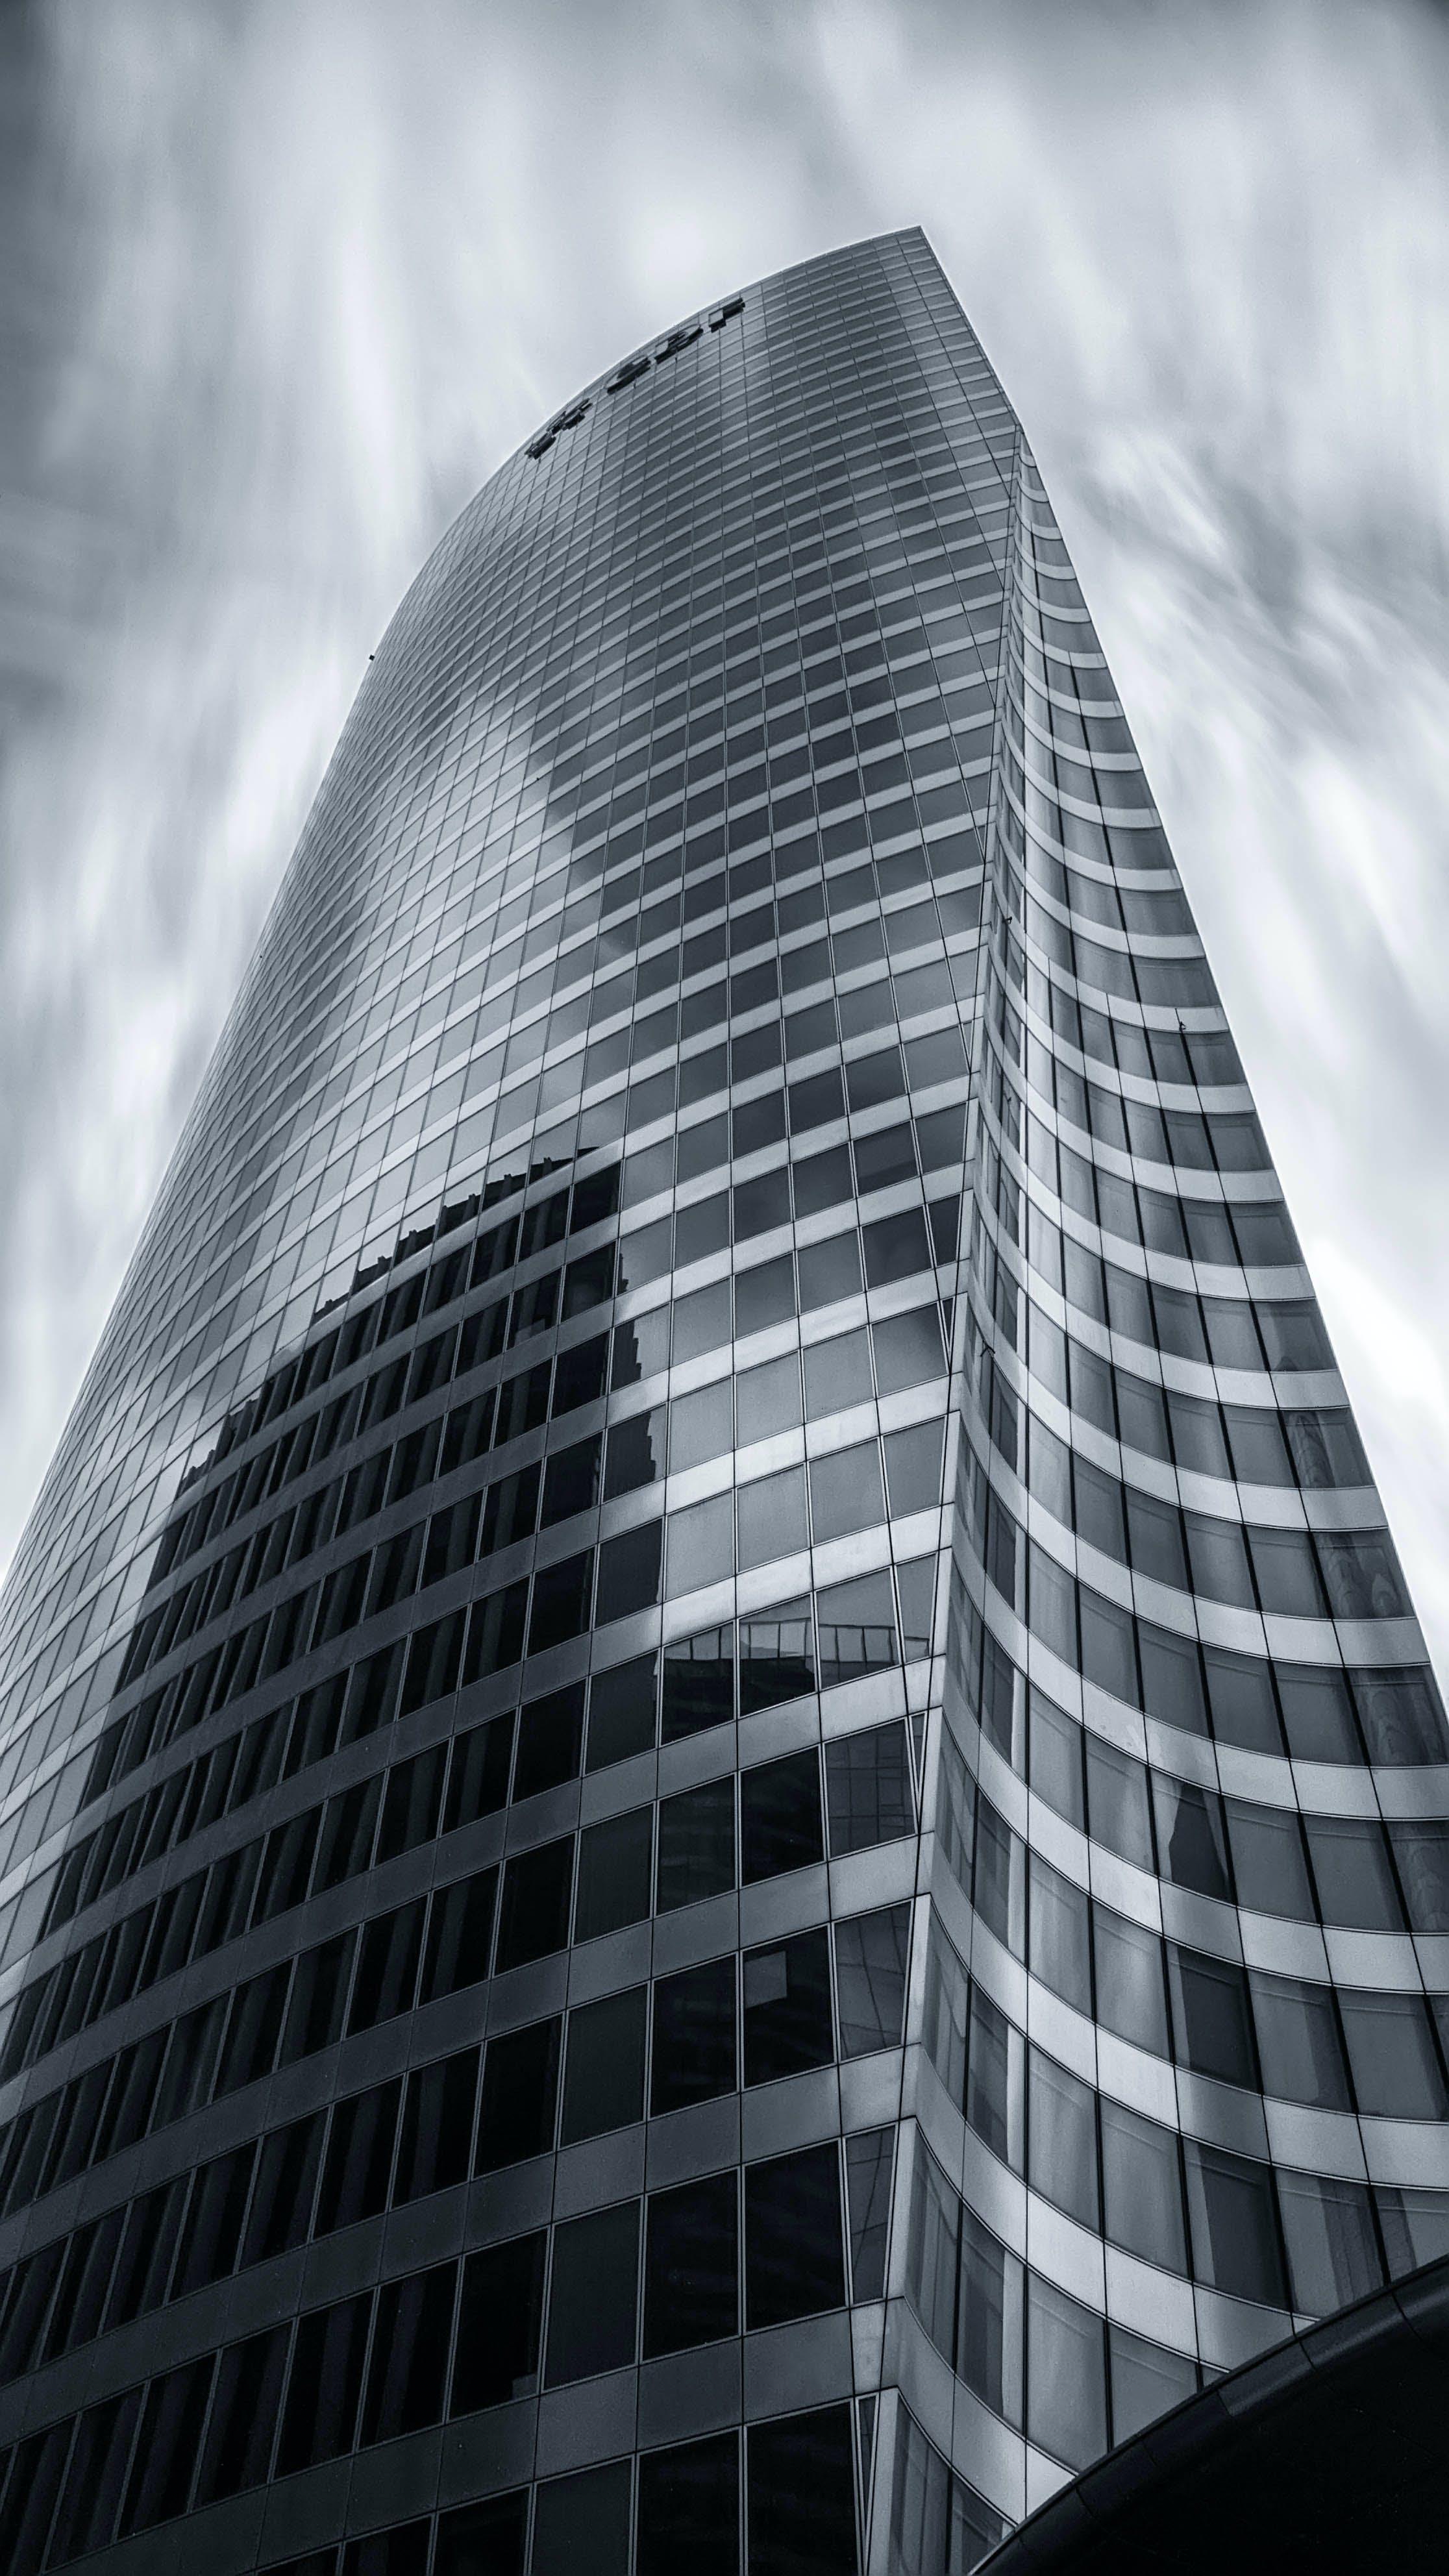 Kostenloses Stock Foto zu architektur, büro, engineering, formen